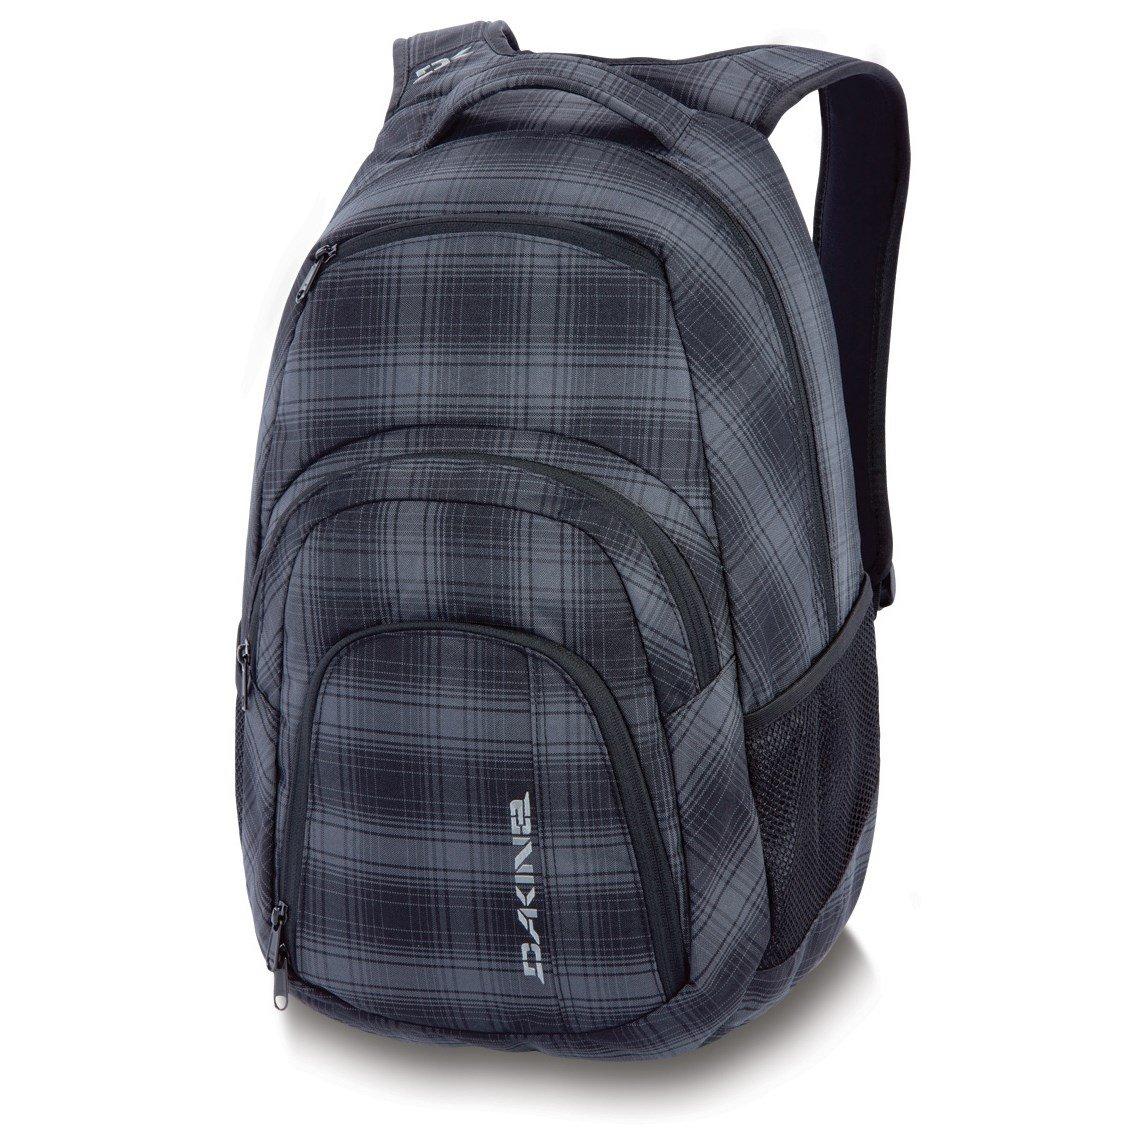 DaKine Campus Backpack - LG   evo